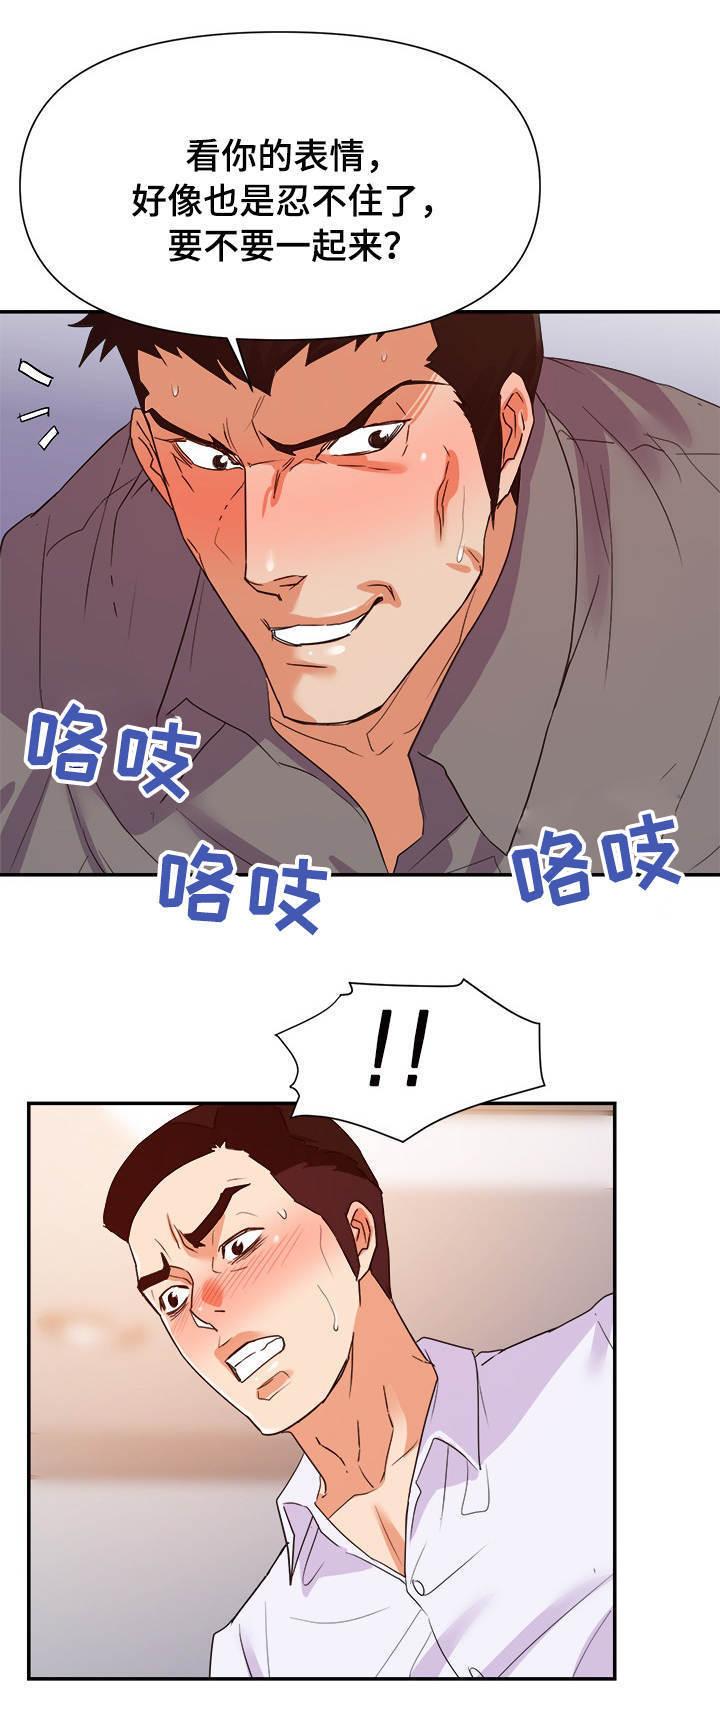 恋爱韩漫:《职场滑铁卢》 第43-45话-天狐阅读